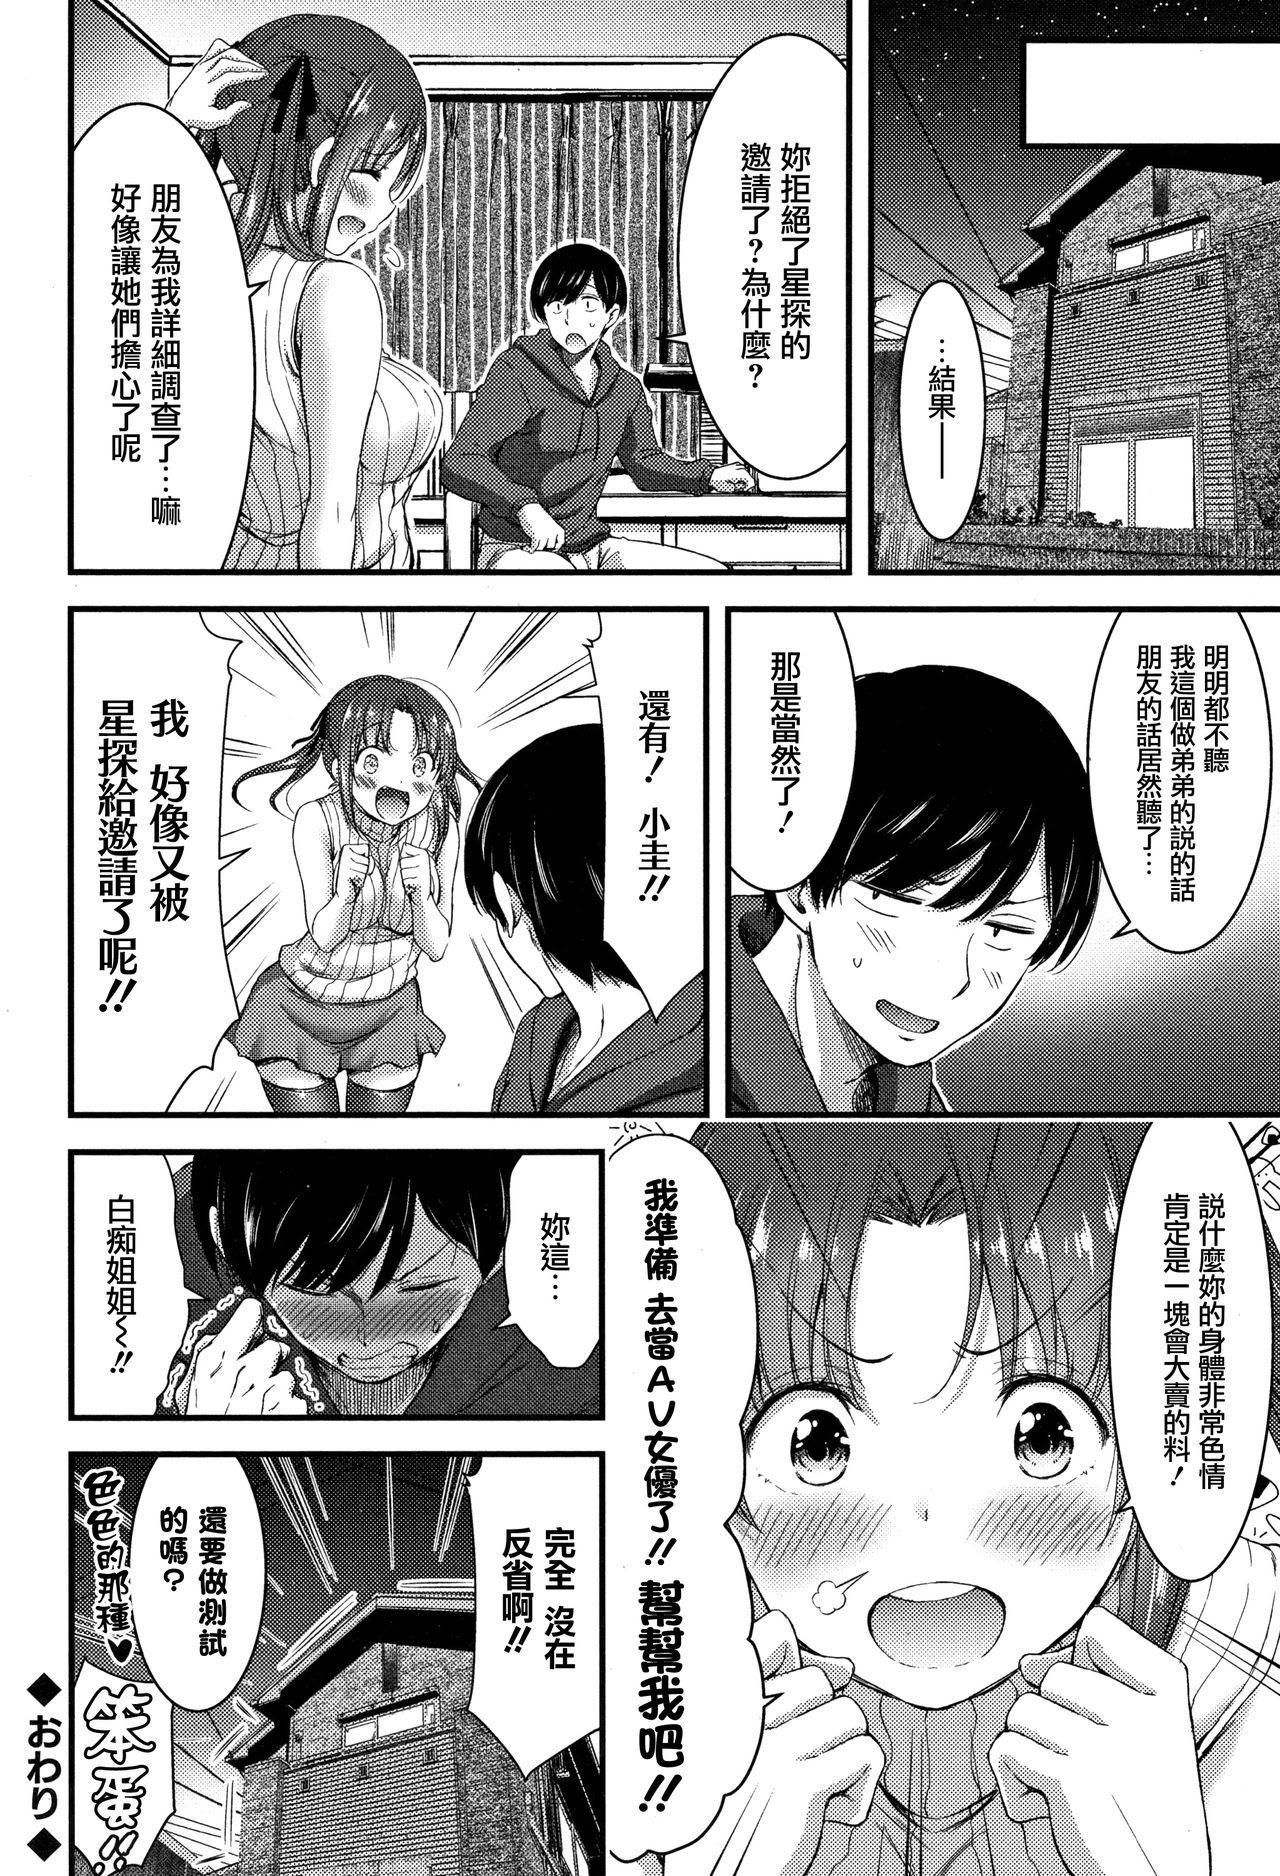 Nichijou Bitch Seitai Kansatsu 98